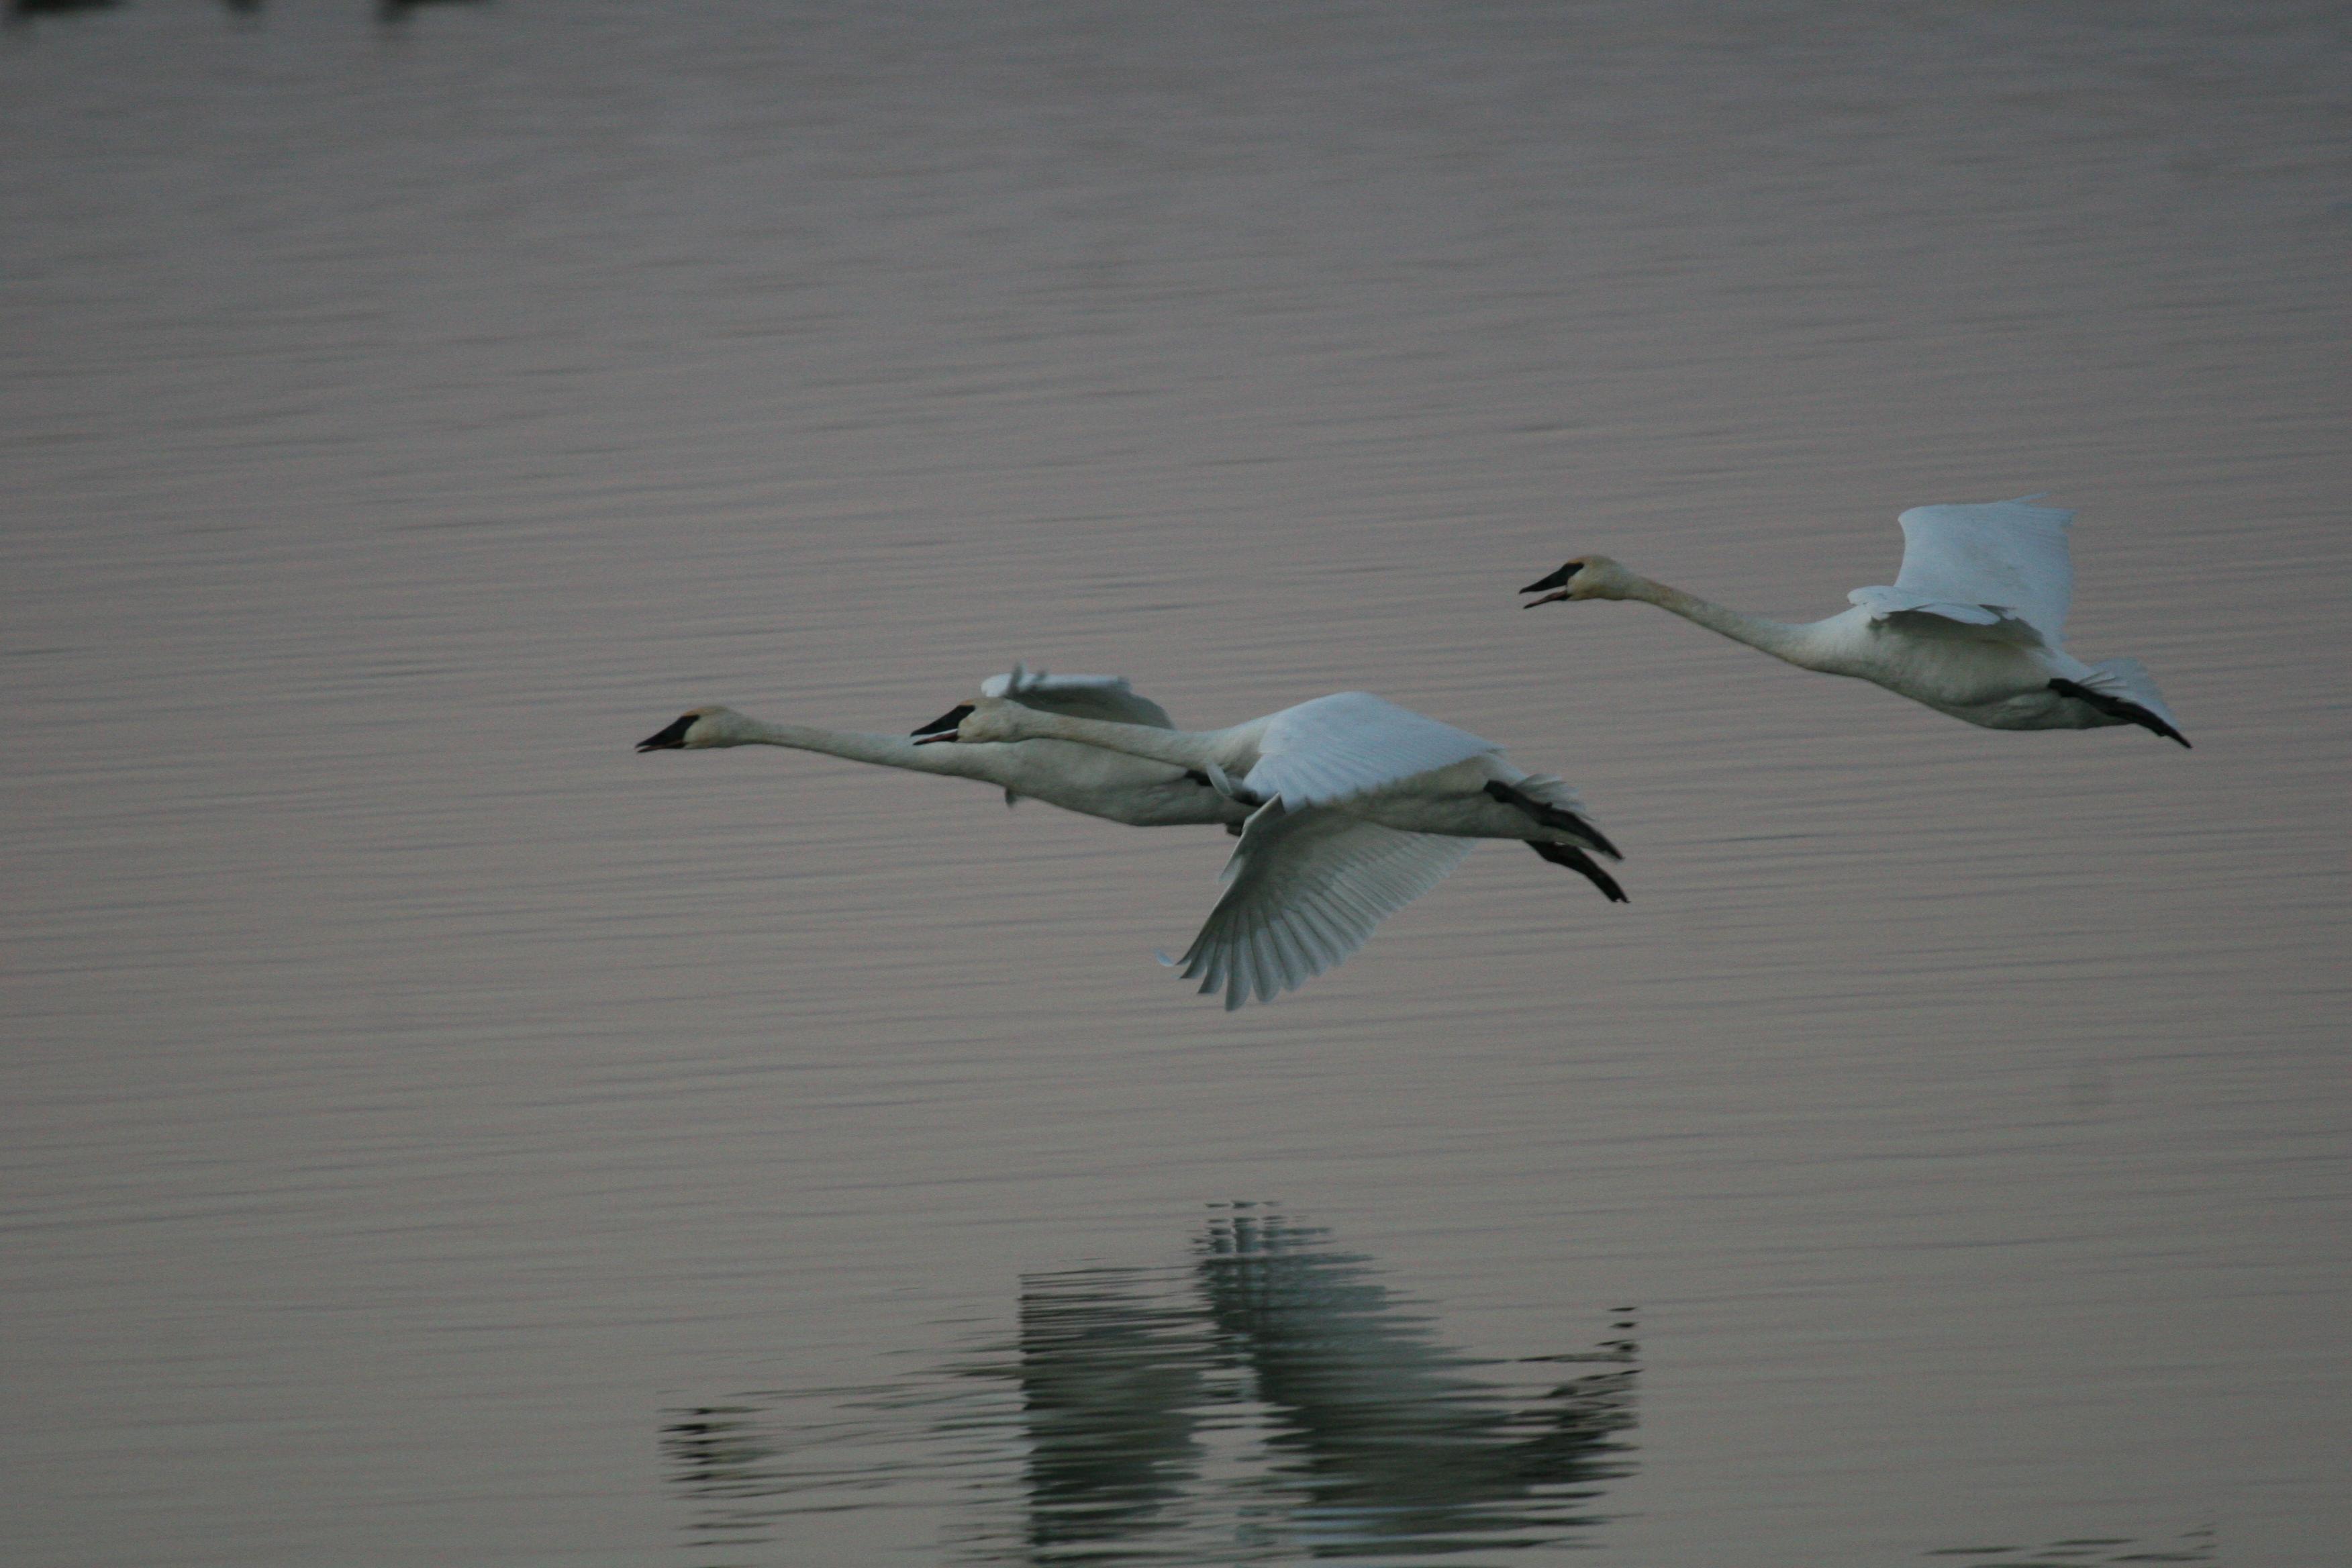 swans-IMG_9726.JPG